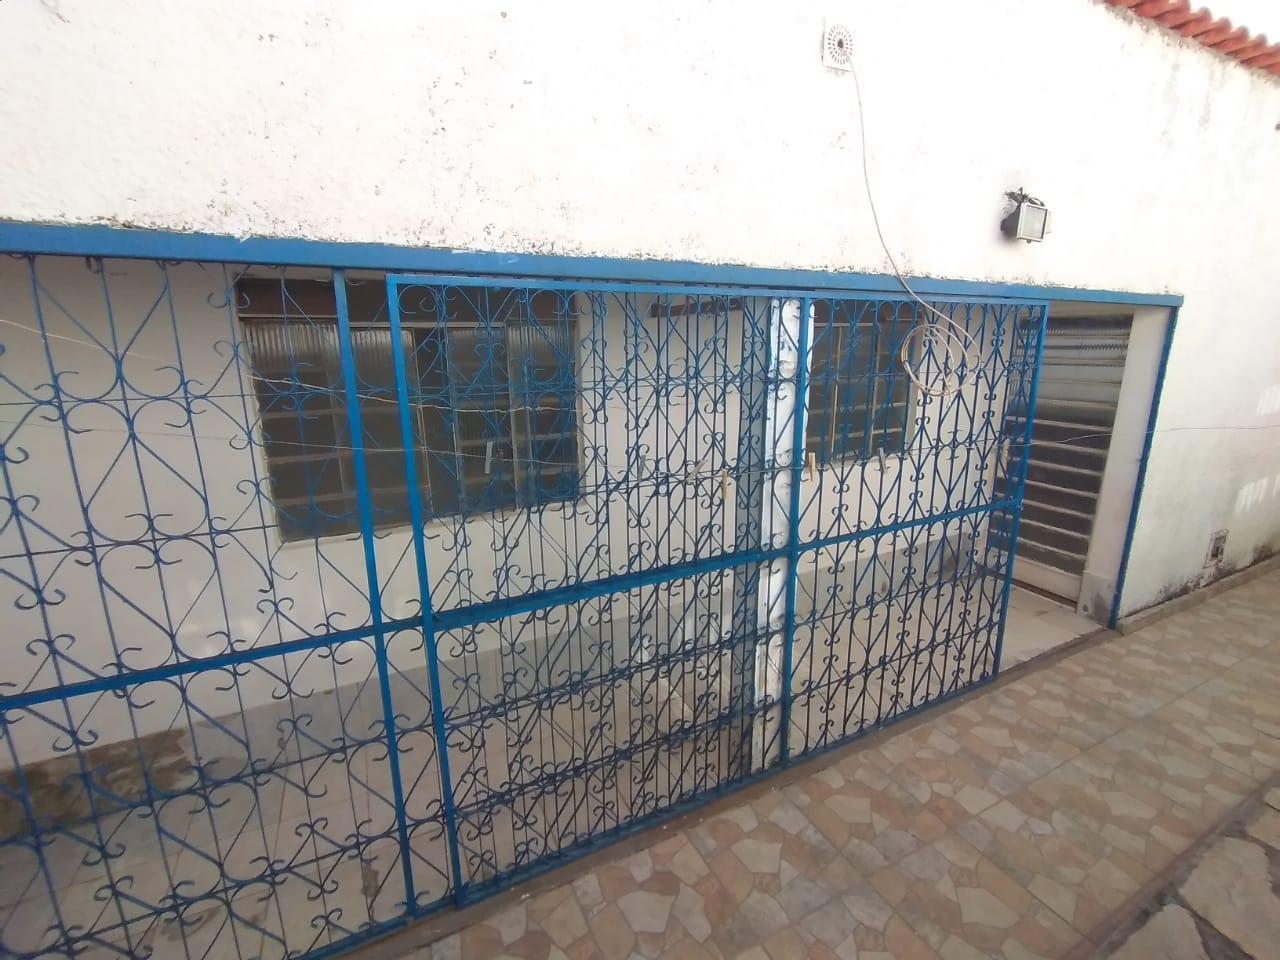 CASA COM 02 RESIDENCIAS NO LOTE NA QUADRA 02 SETOR OESTE GAMA-DF